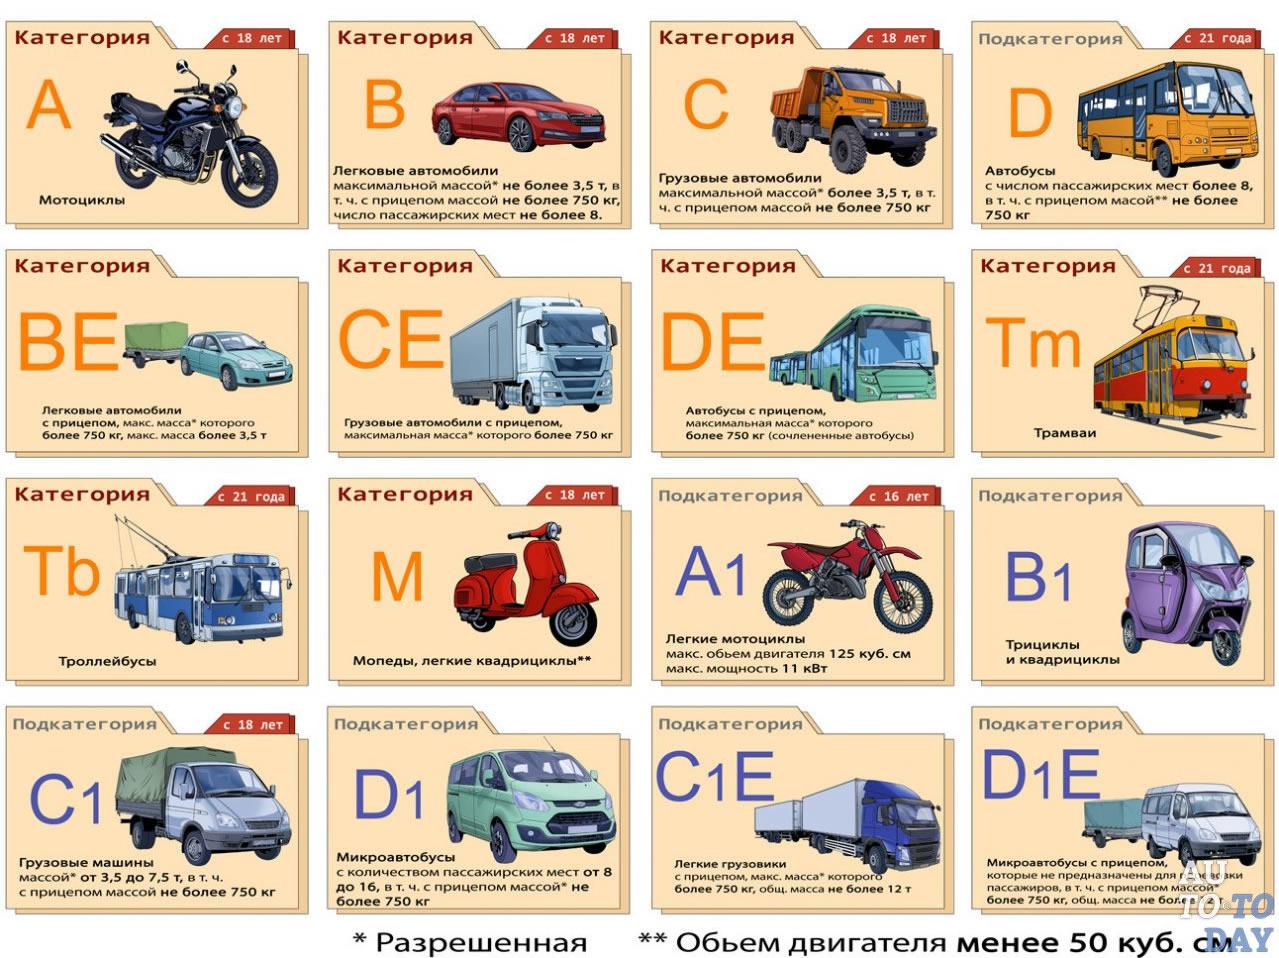 картинки категории водительских прав узнаем, как